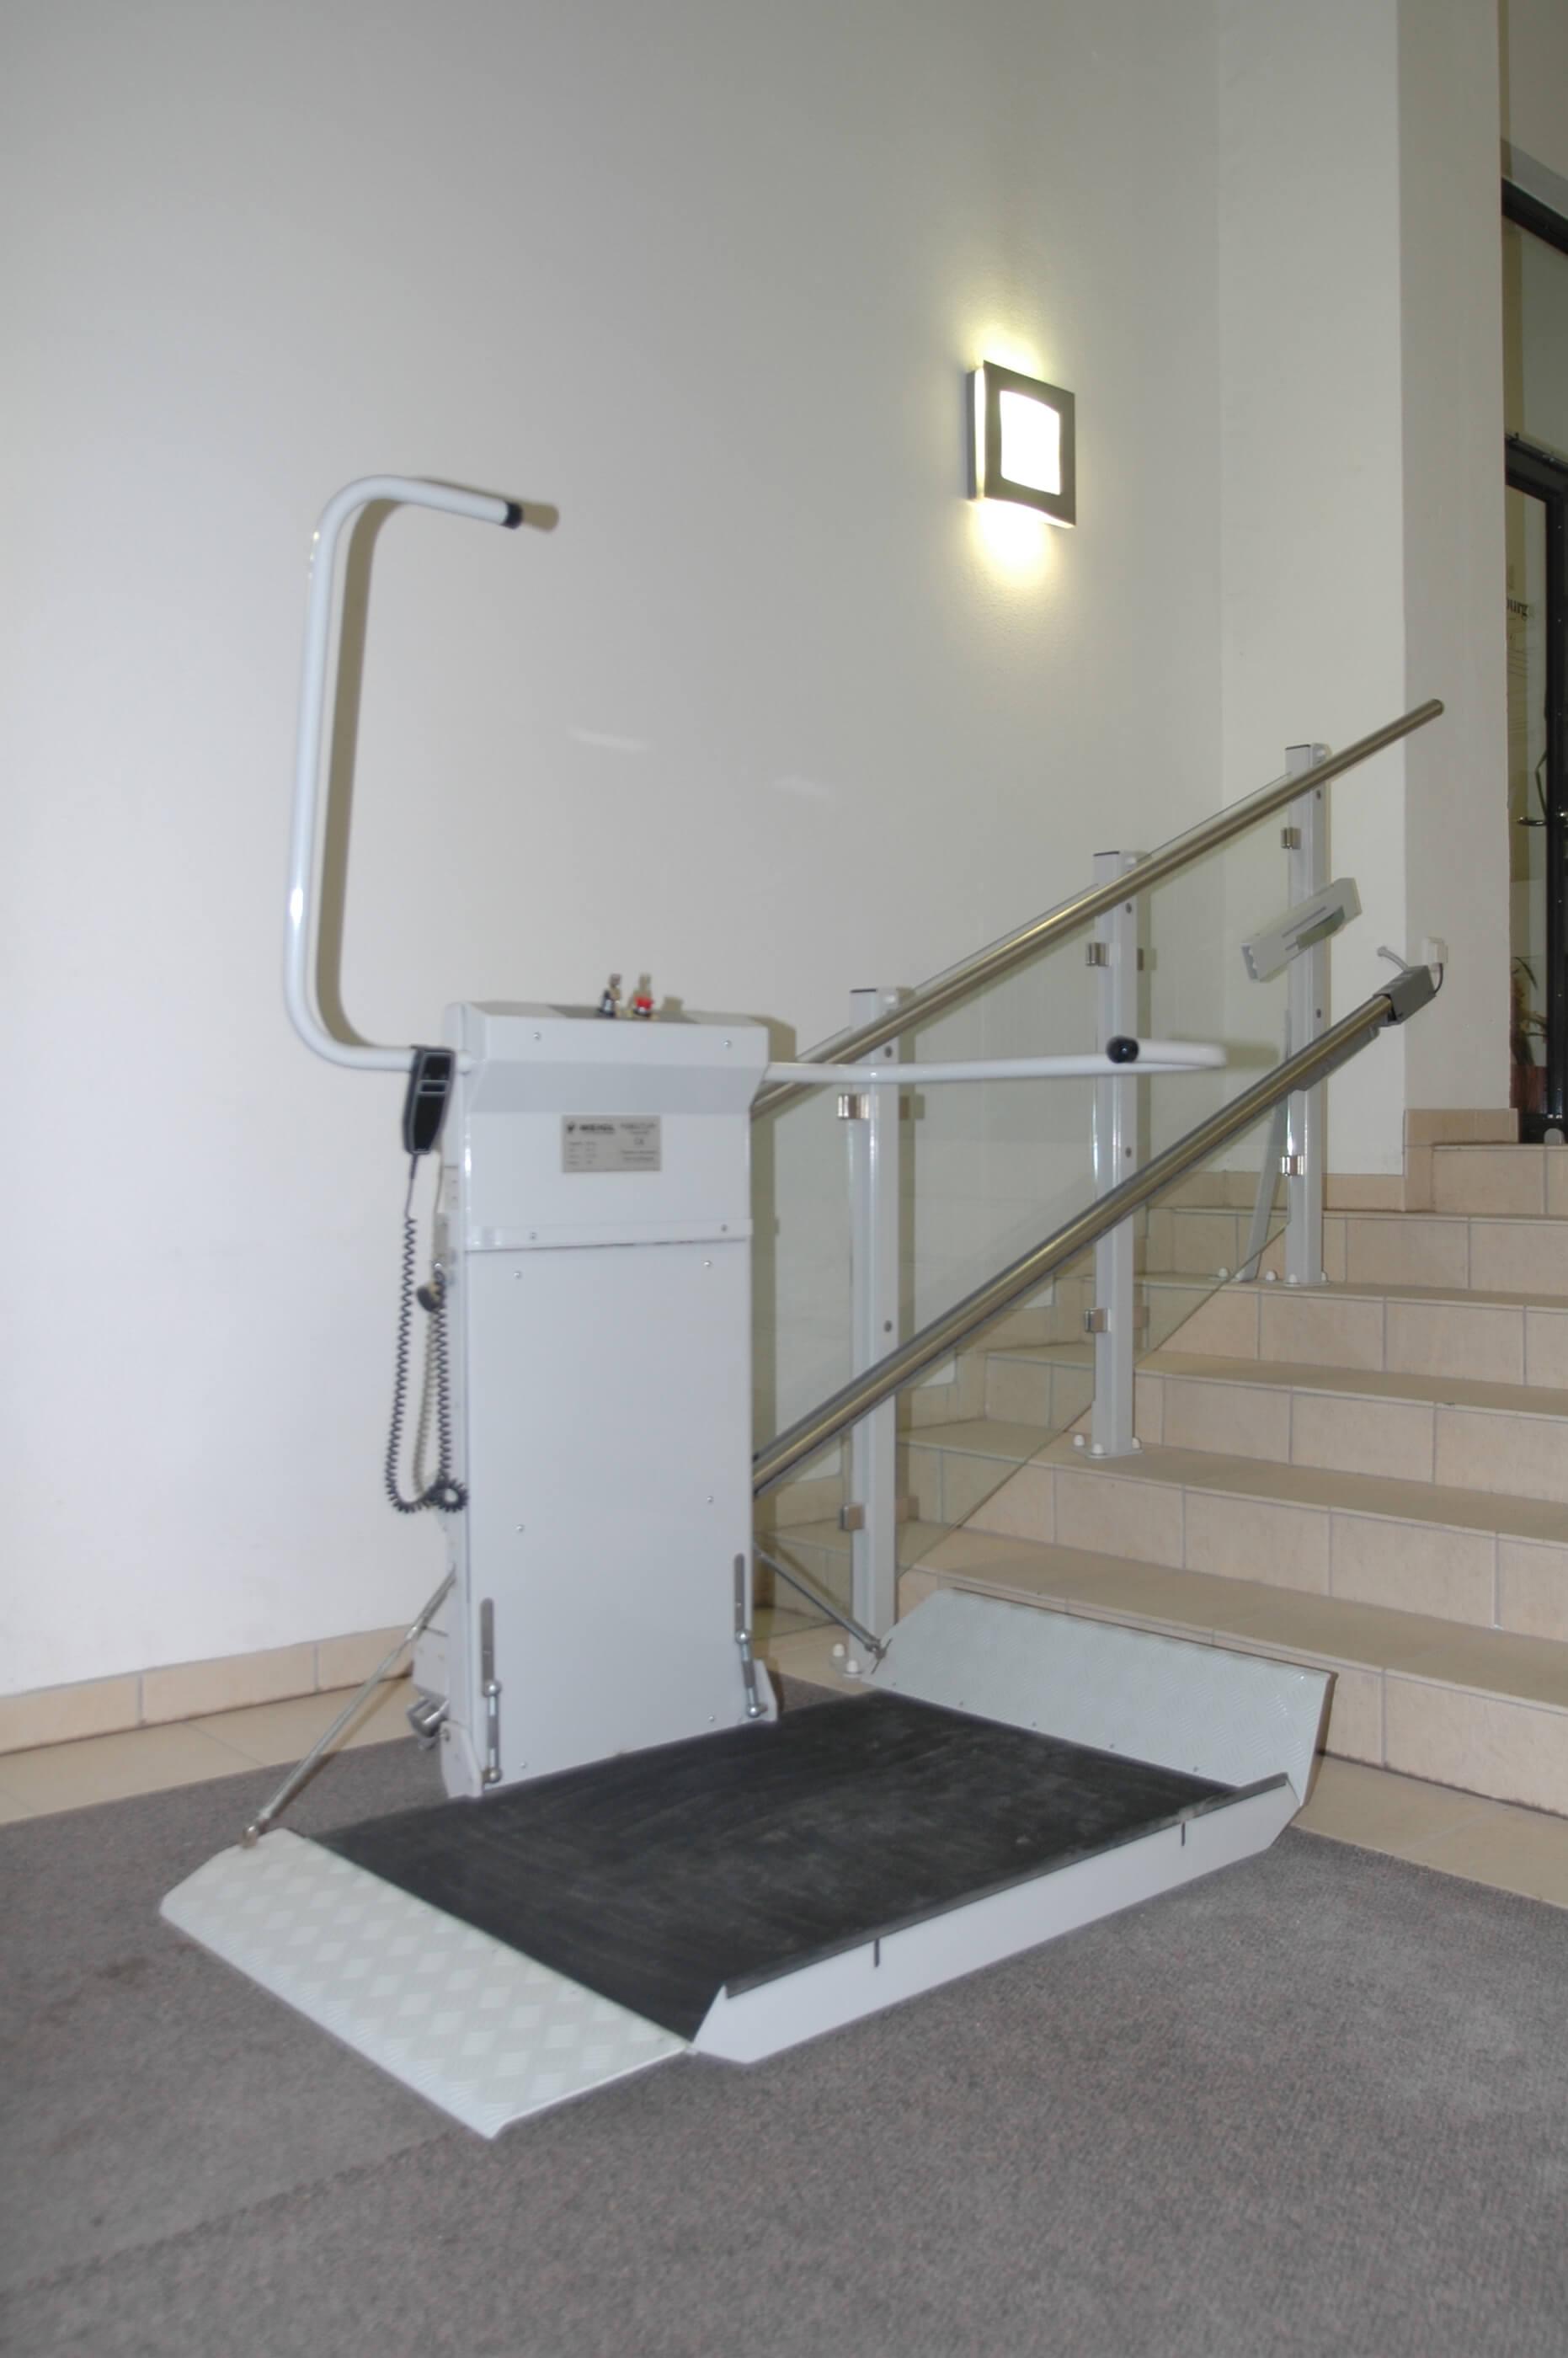 Plateforme monte-escalier pour personne à mobilité réduite